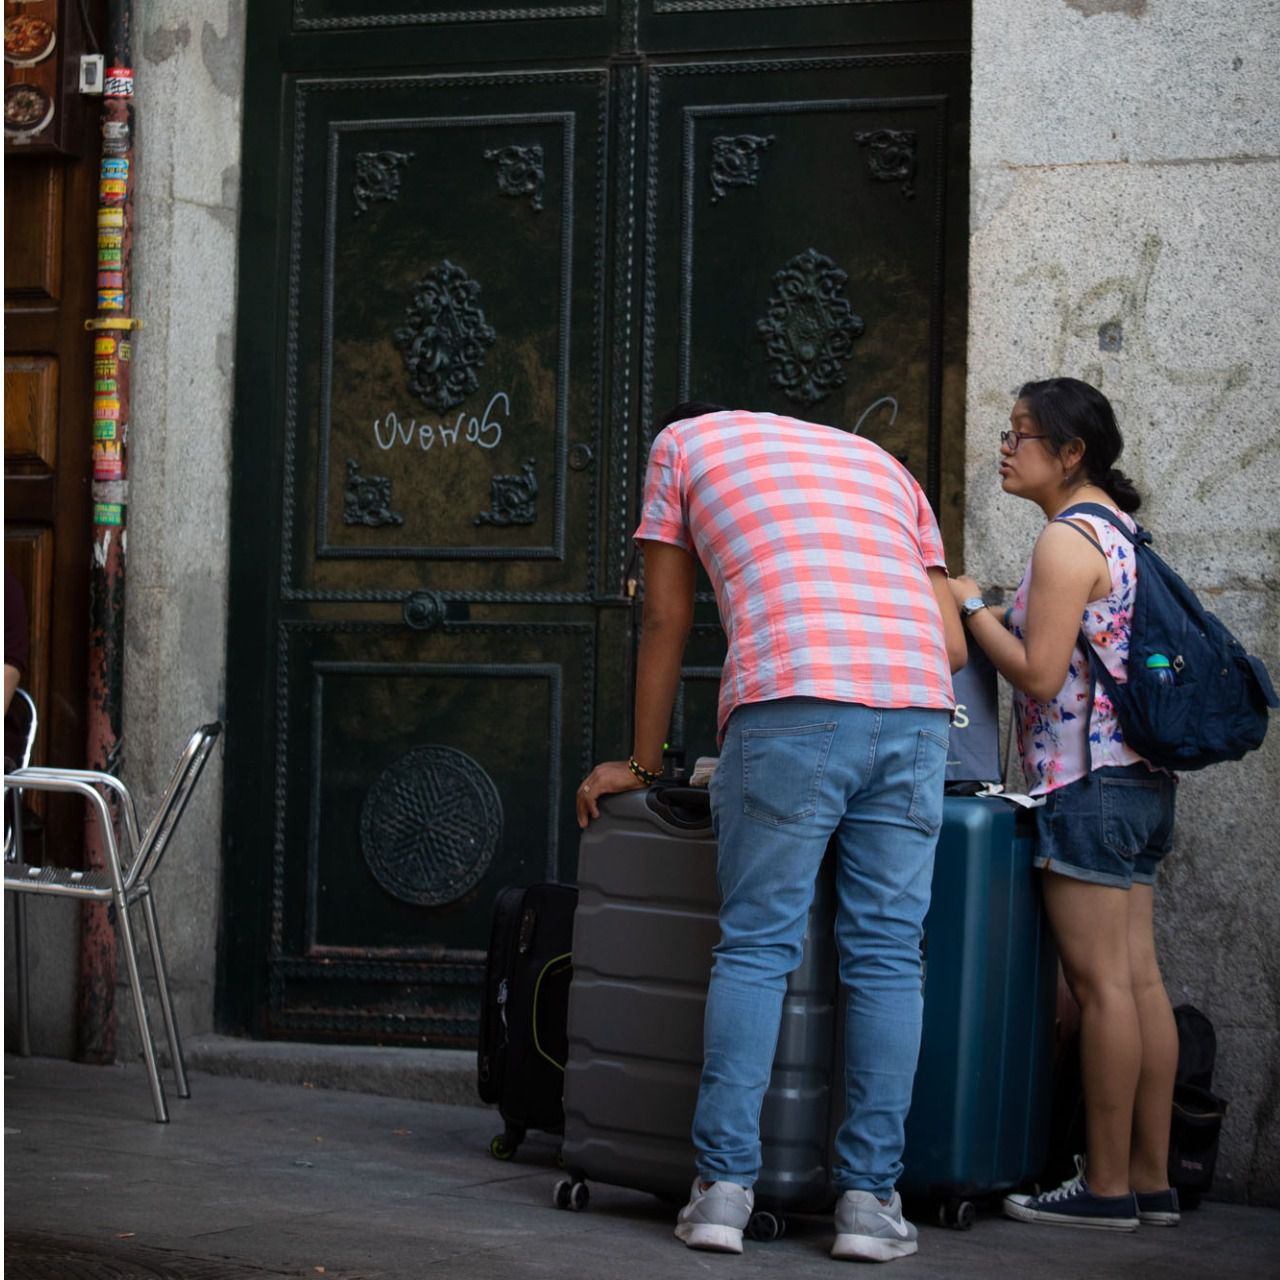 e0274fbd1 https://www.madridiario.es/noticia/463065/recomendamos/cursos-de ...